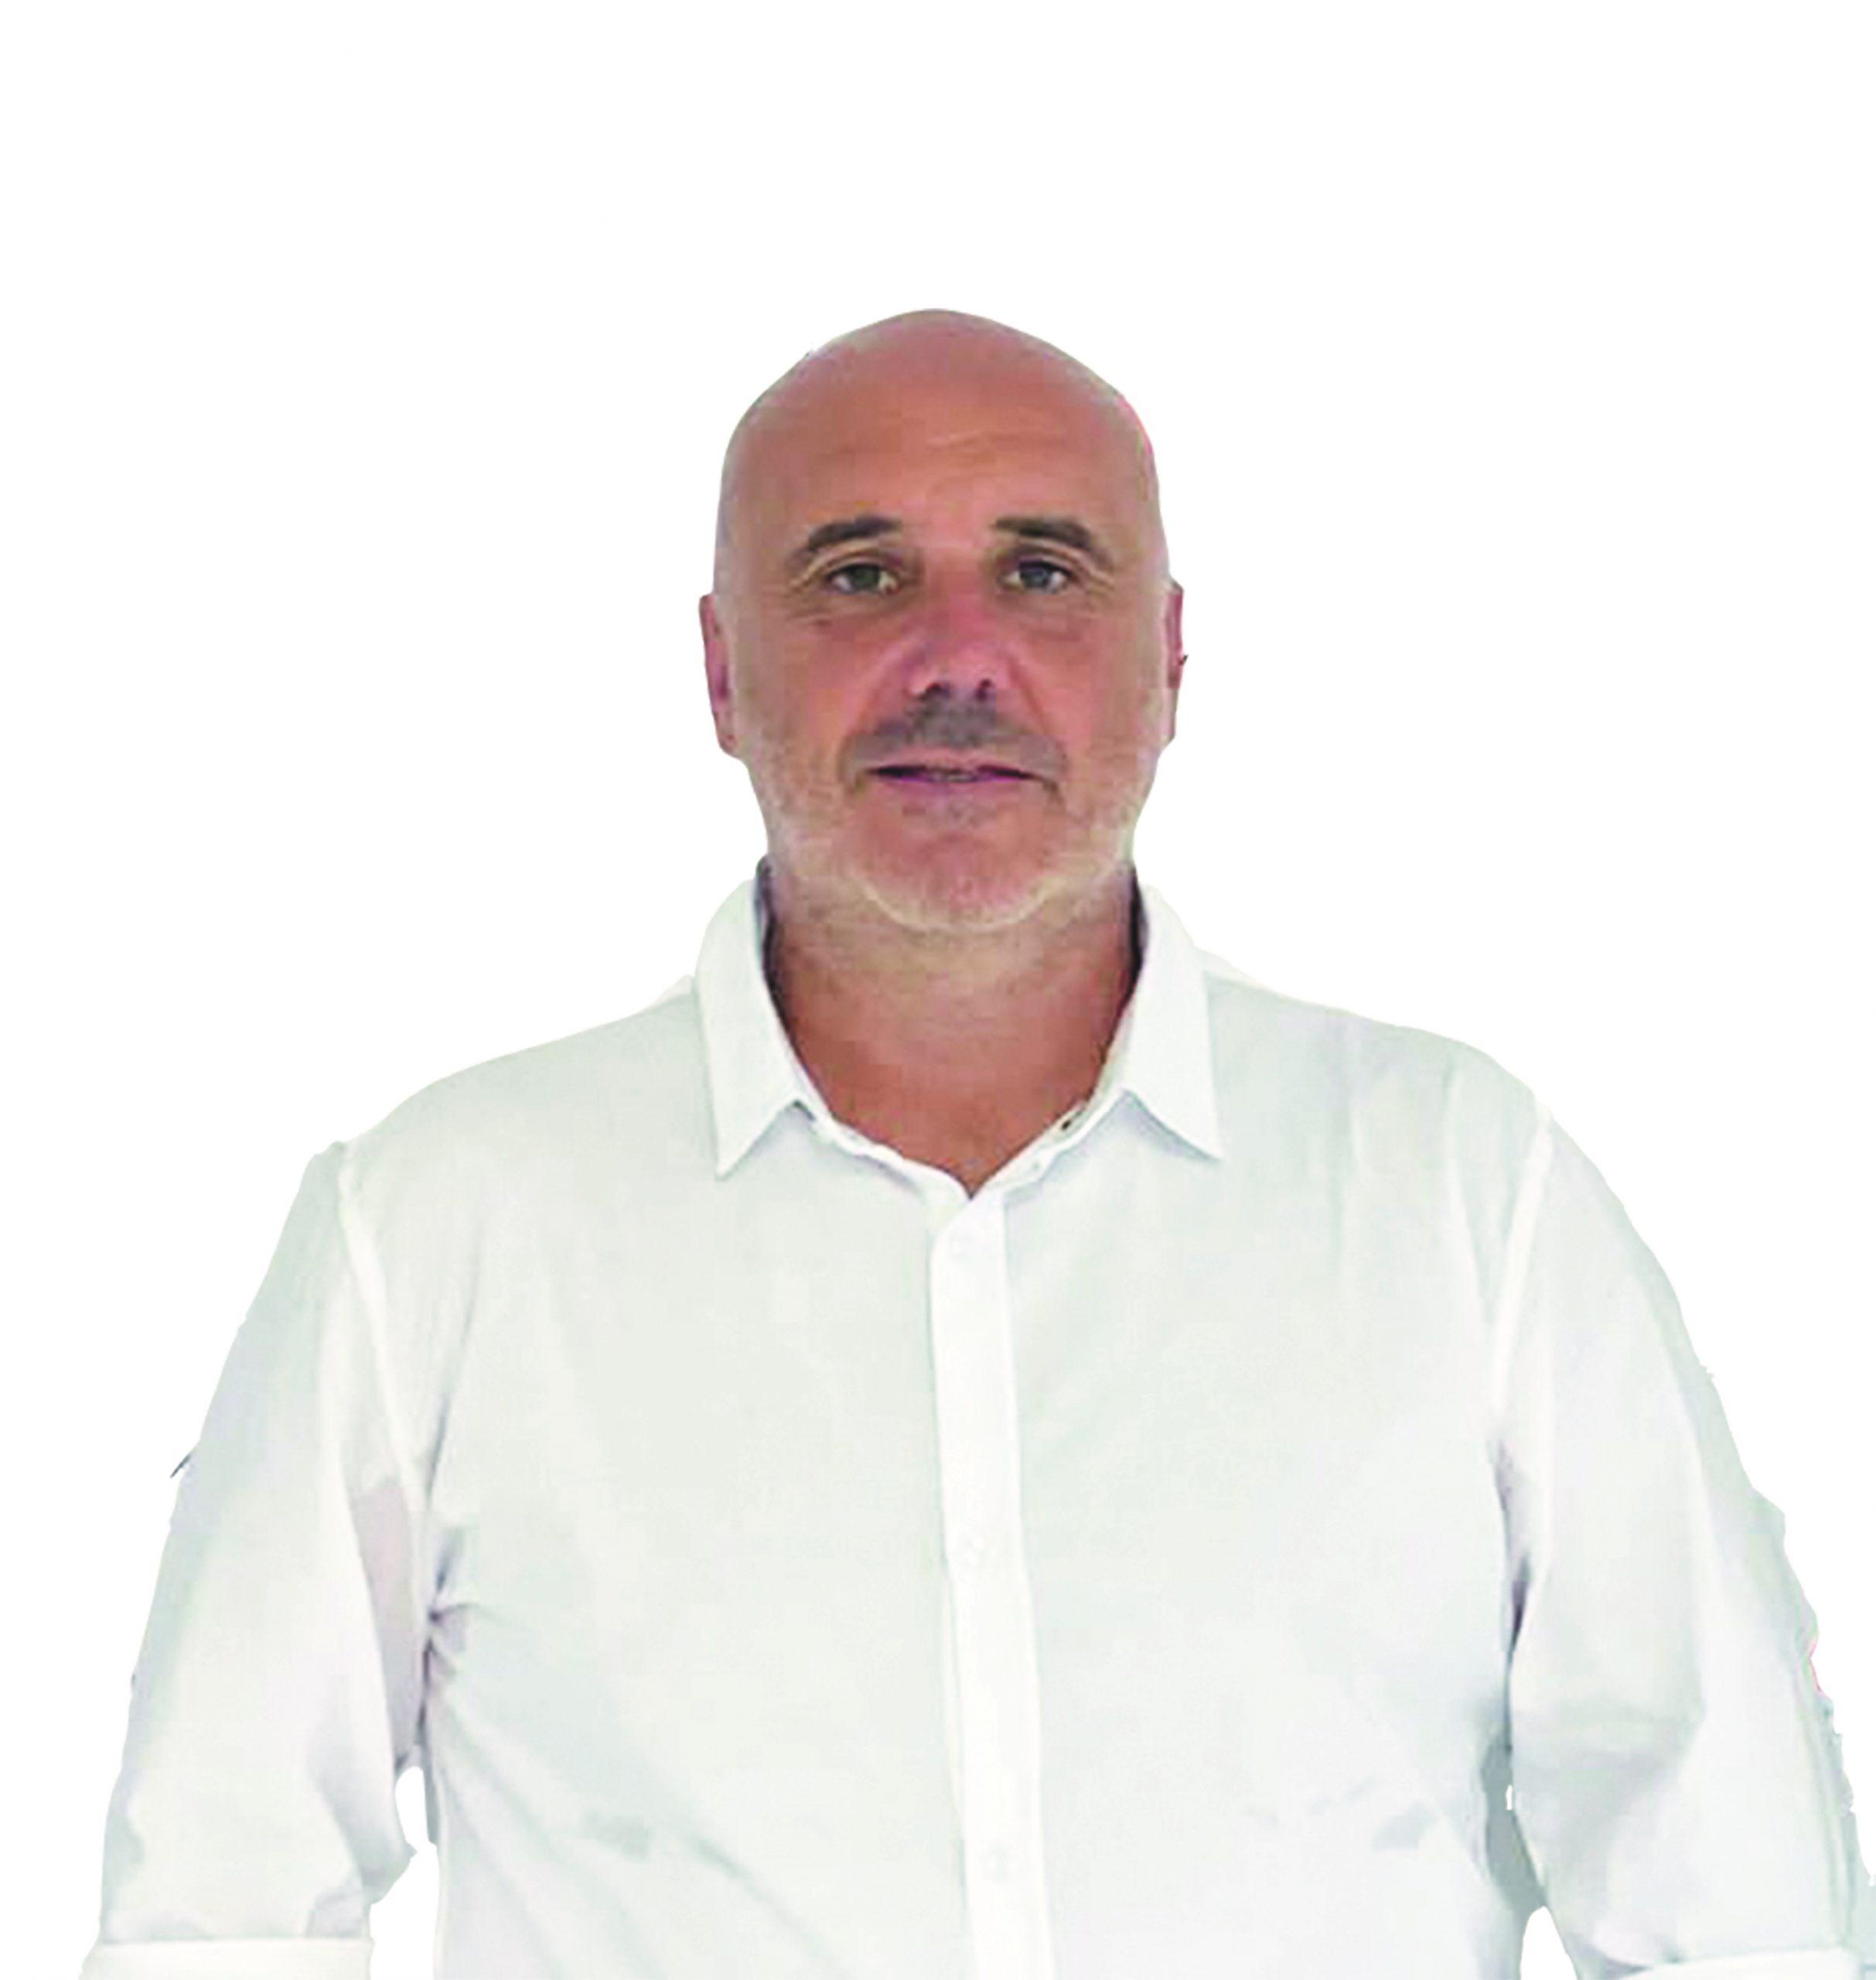 Davide-Bartolini-candidato-del-Pd-al-Consiglio-Comunale-di-Grosseto